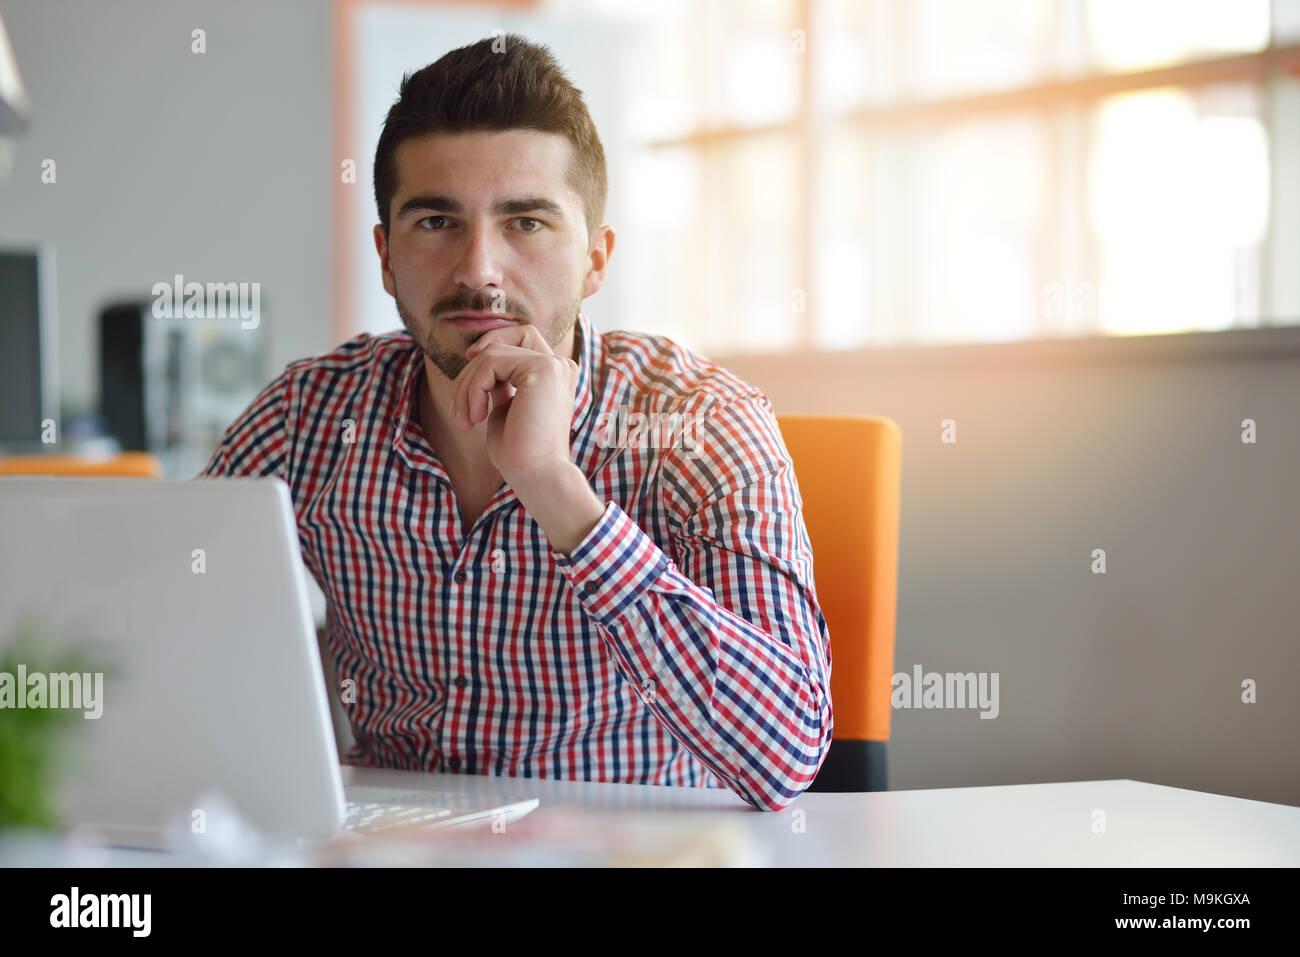 Dans lhomme moderne bureau start up travaillant sur ordinateur